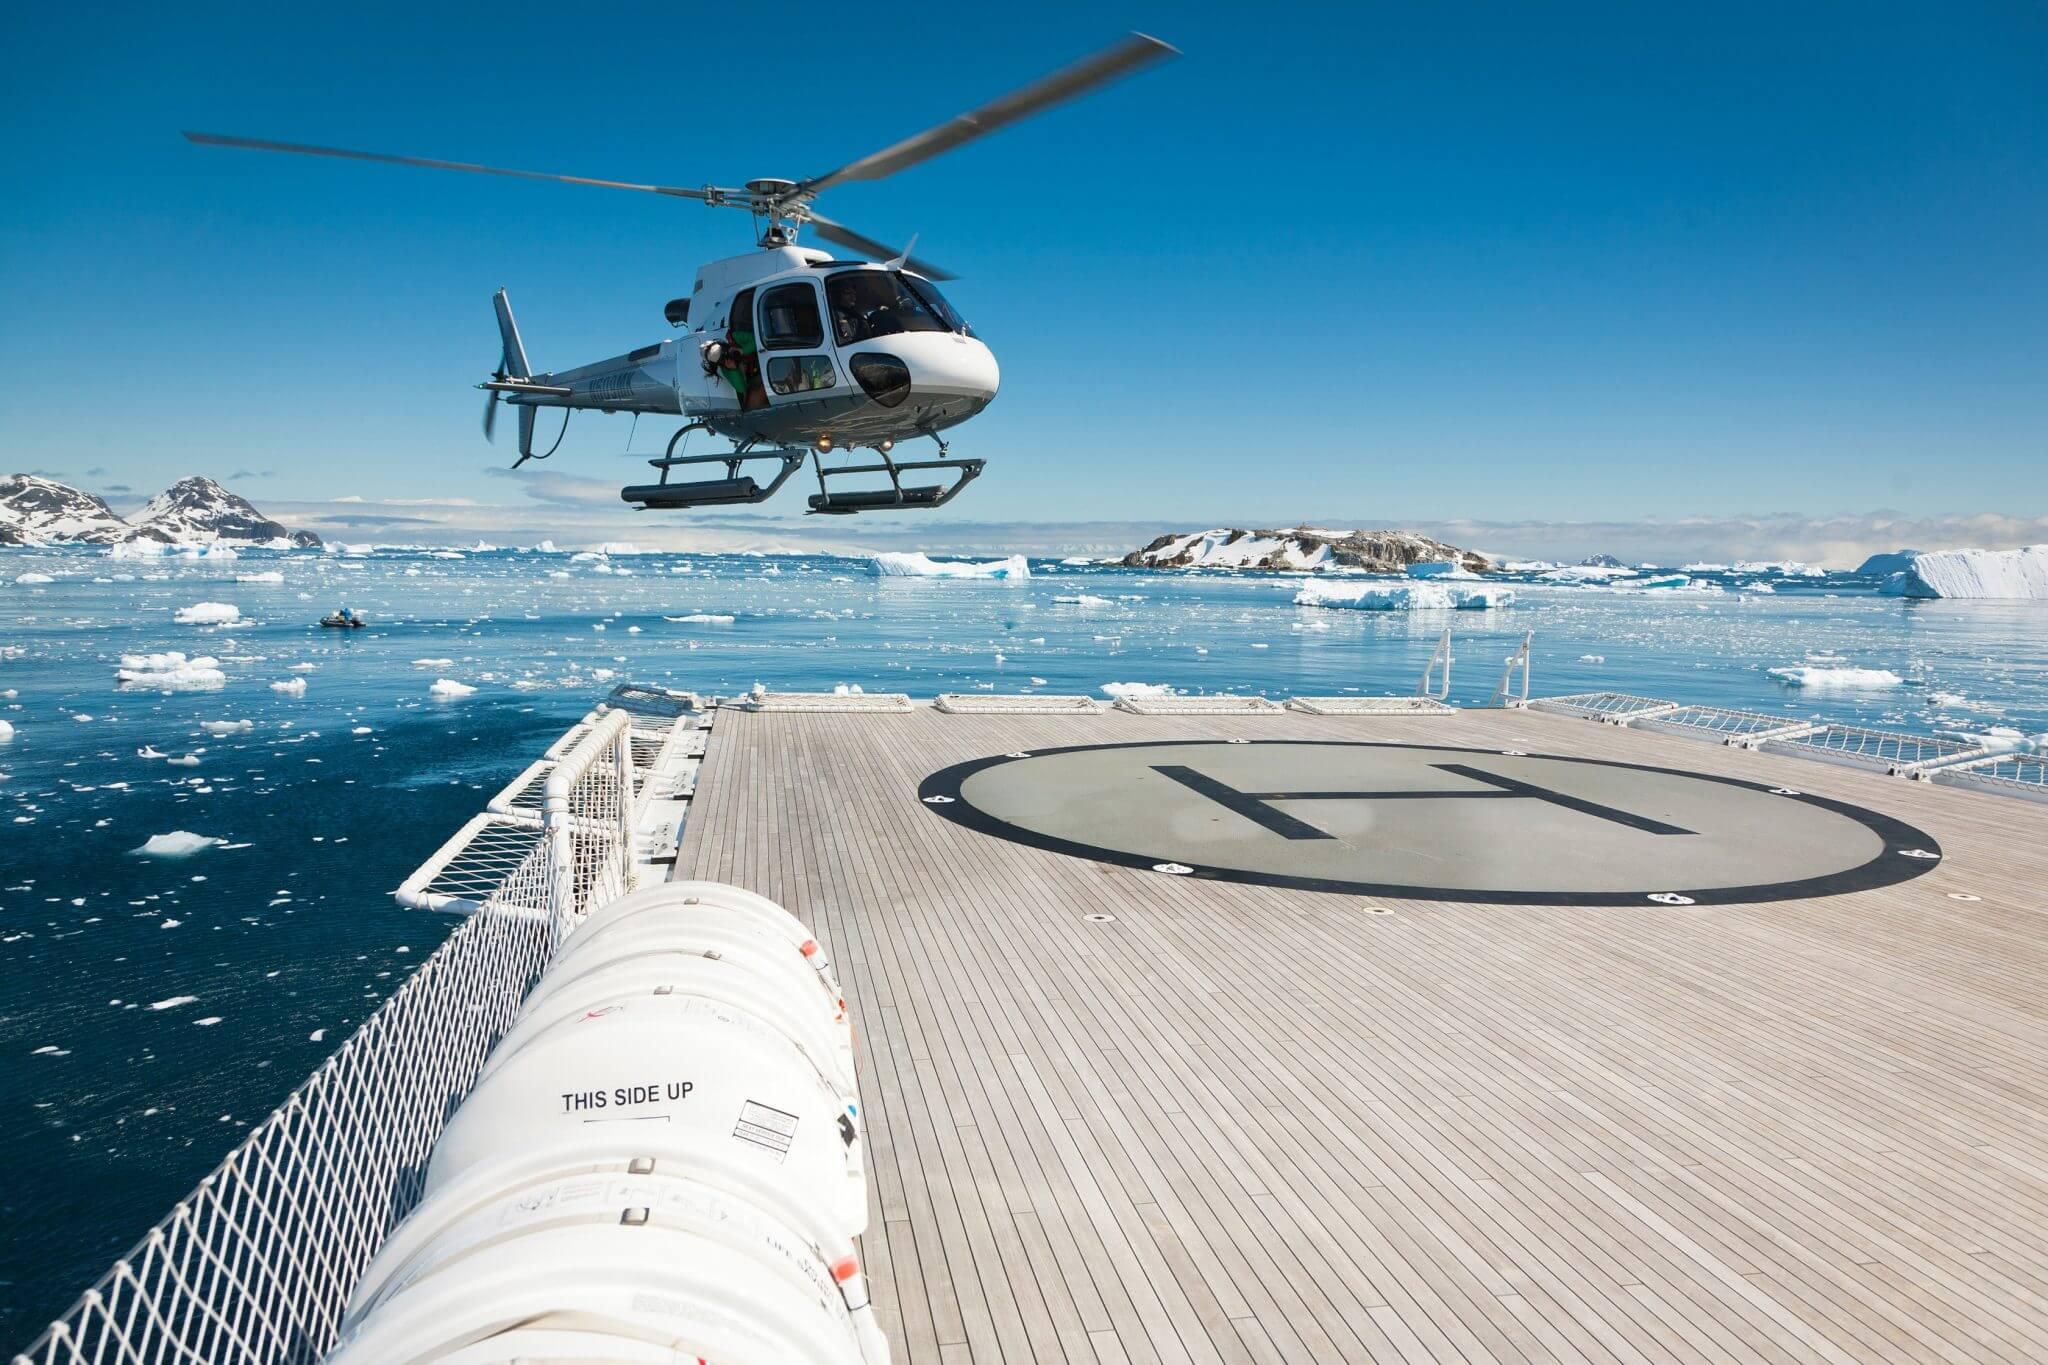 Antarctica - helicopter landing